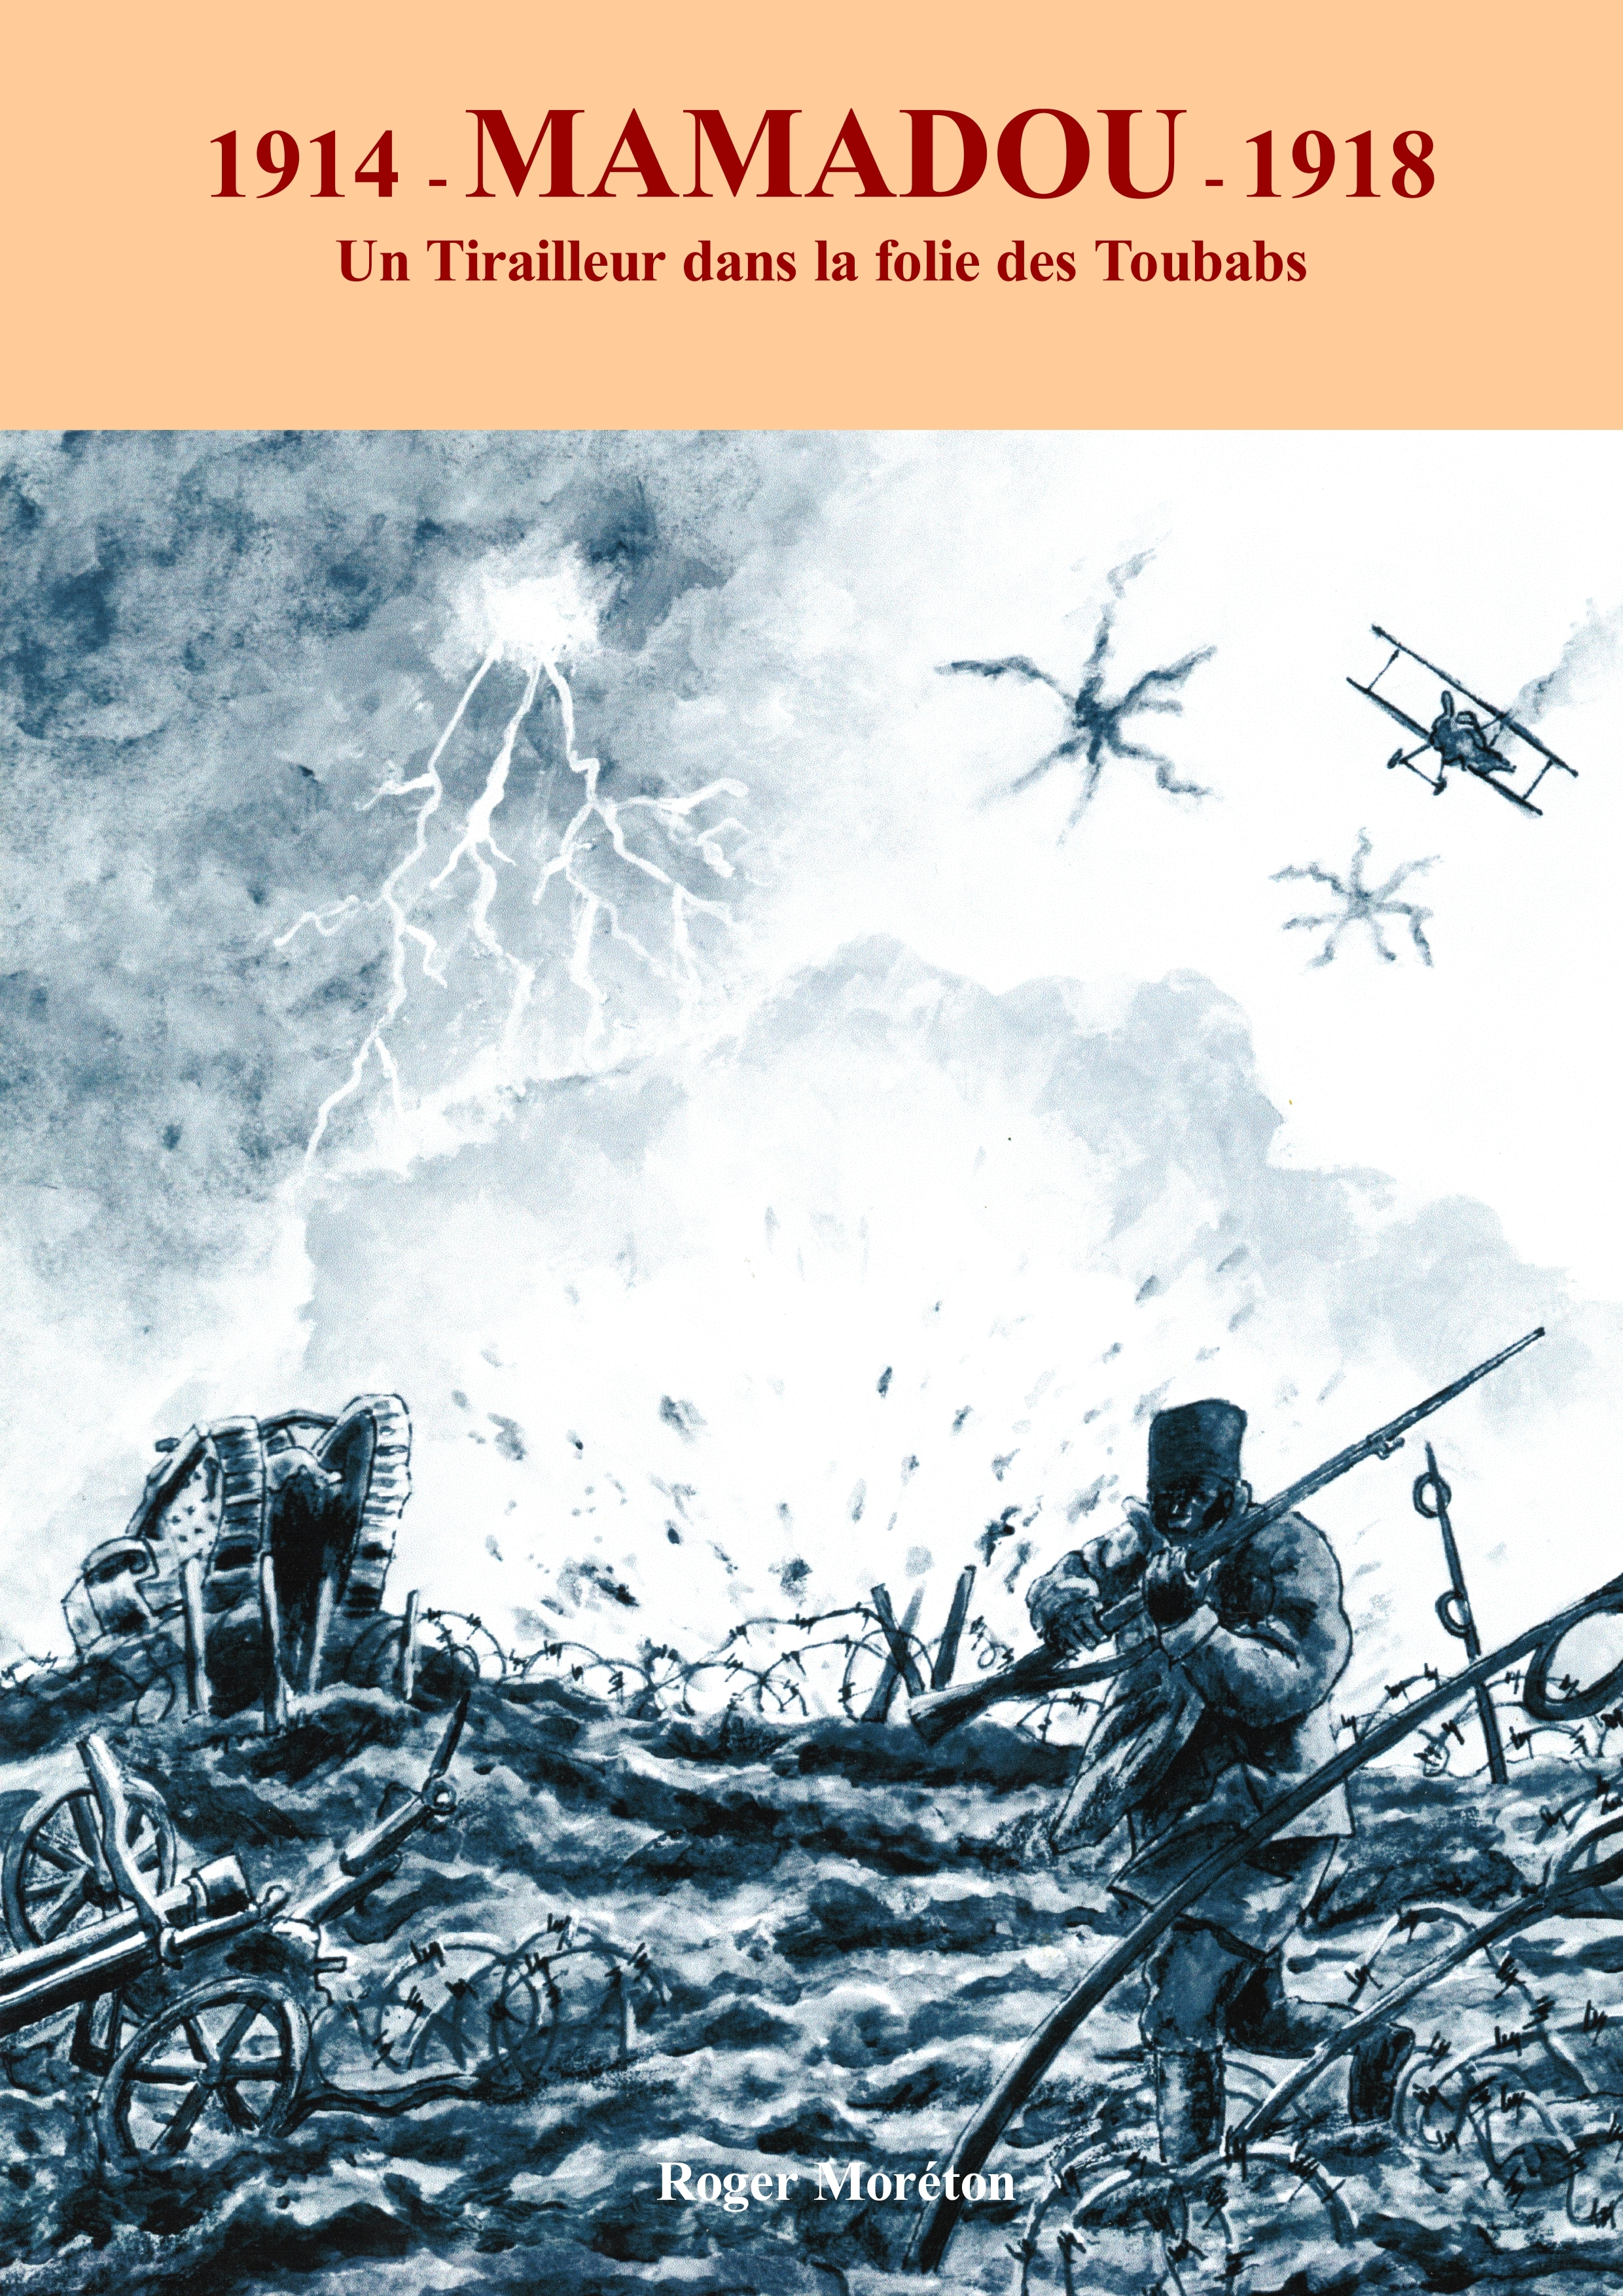 1914 - MAMADOU - 1918 - UN TIRAILLEUR DANS LA FOLIE DES TOUBABS